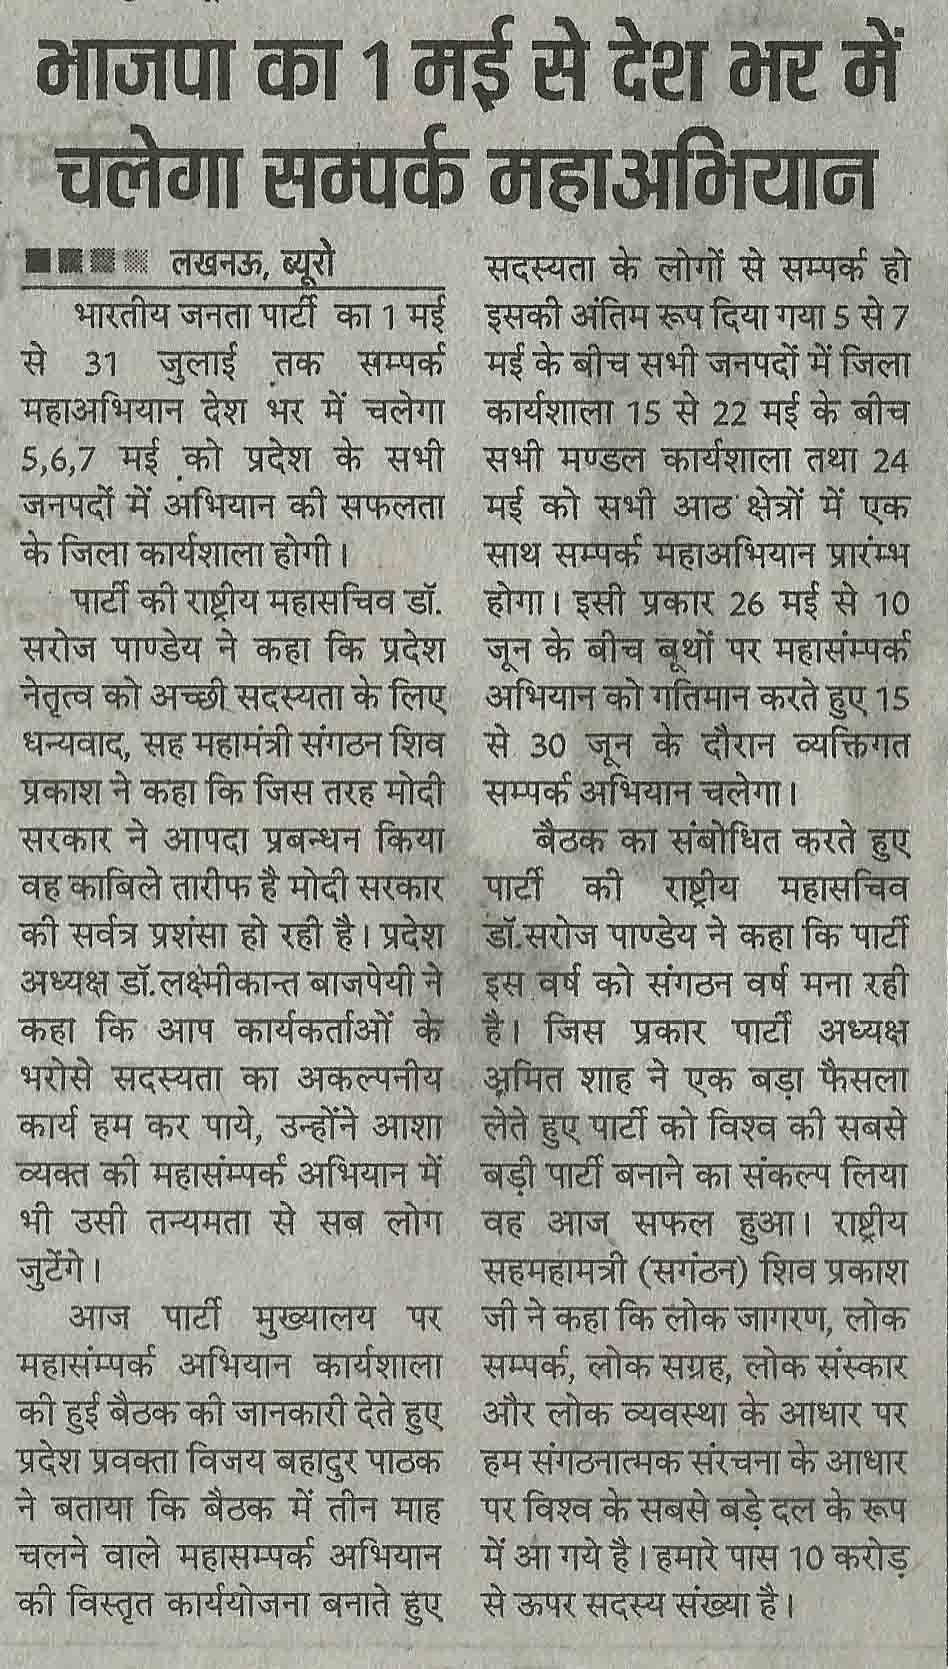 भाजपा का १ मई से देश भर में चलेगा संपर्क महाअभियान - Voice Of Lucknow